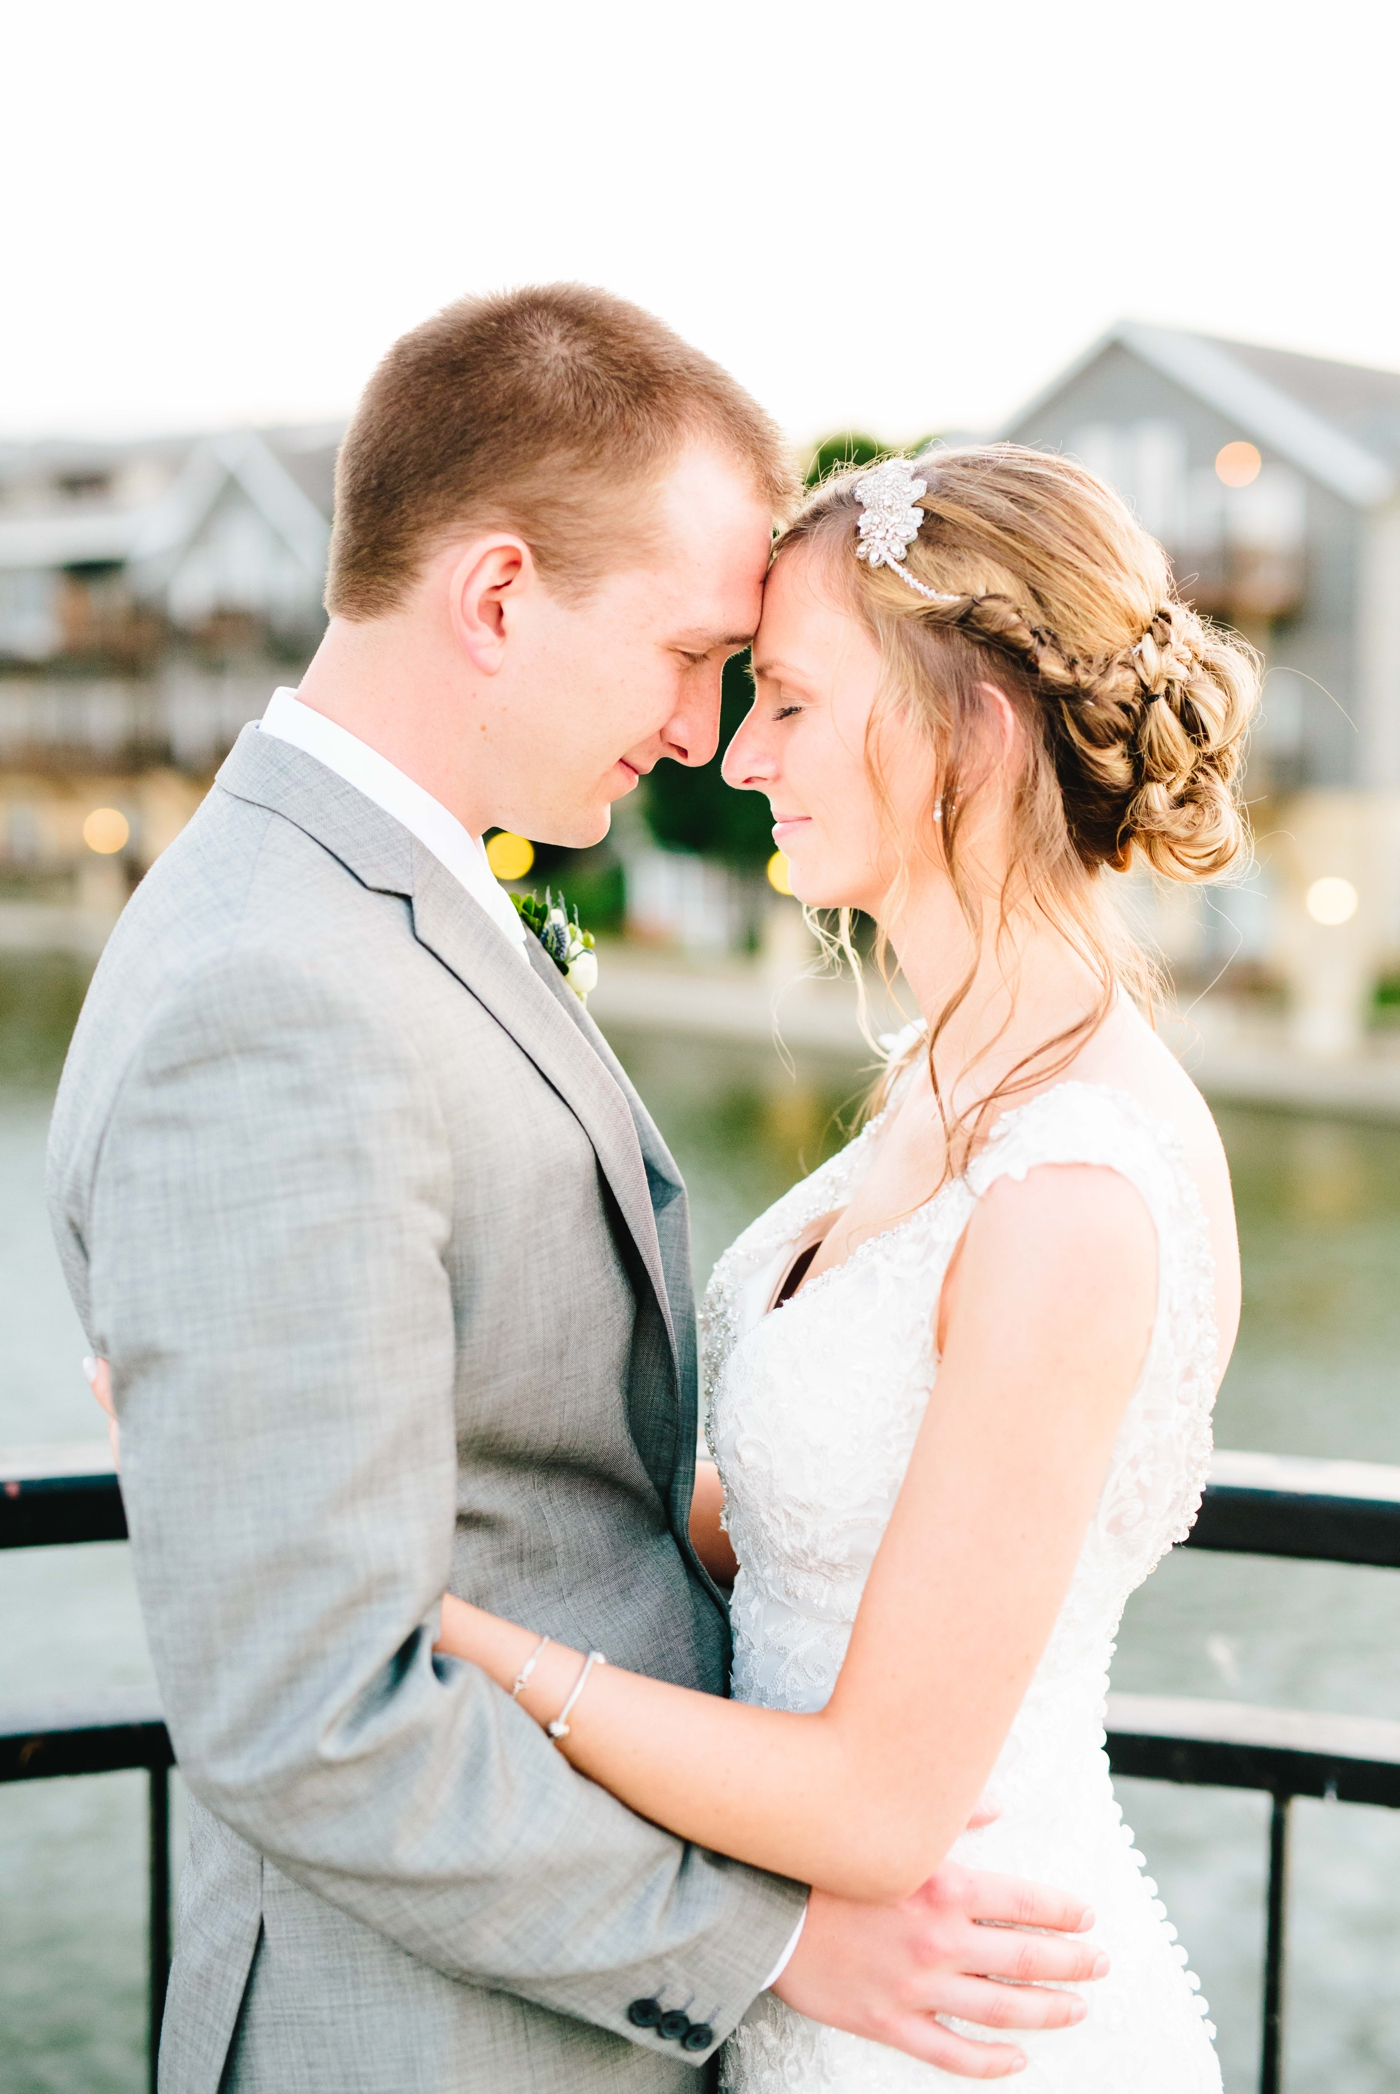 chicago-fine-art-wedding-photography-stewart30